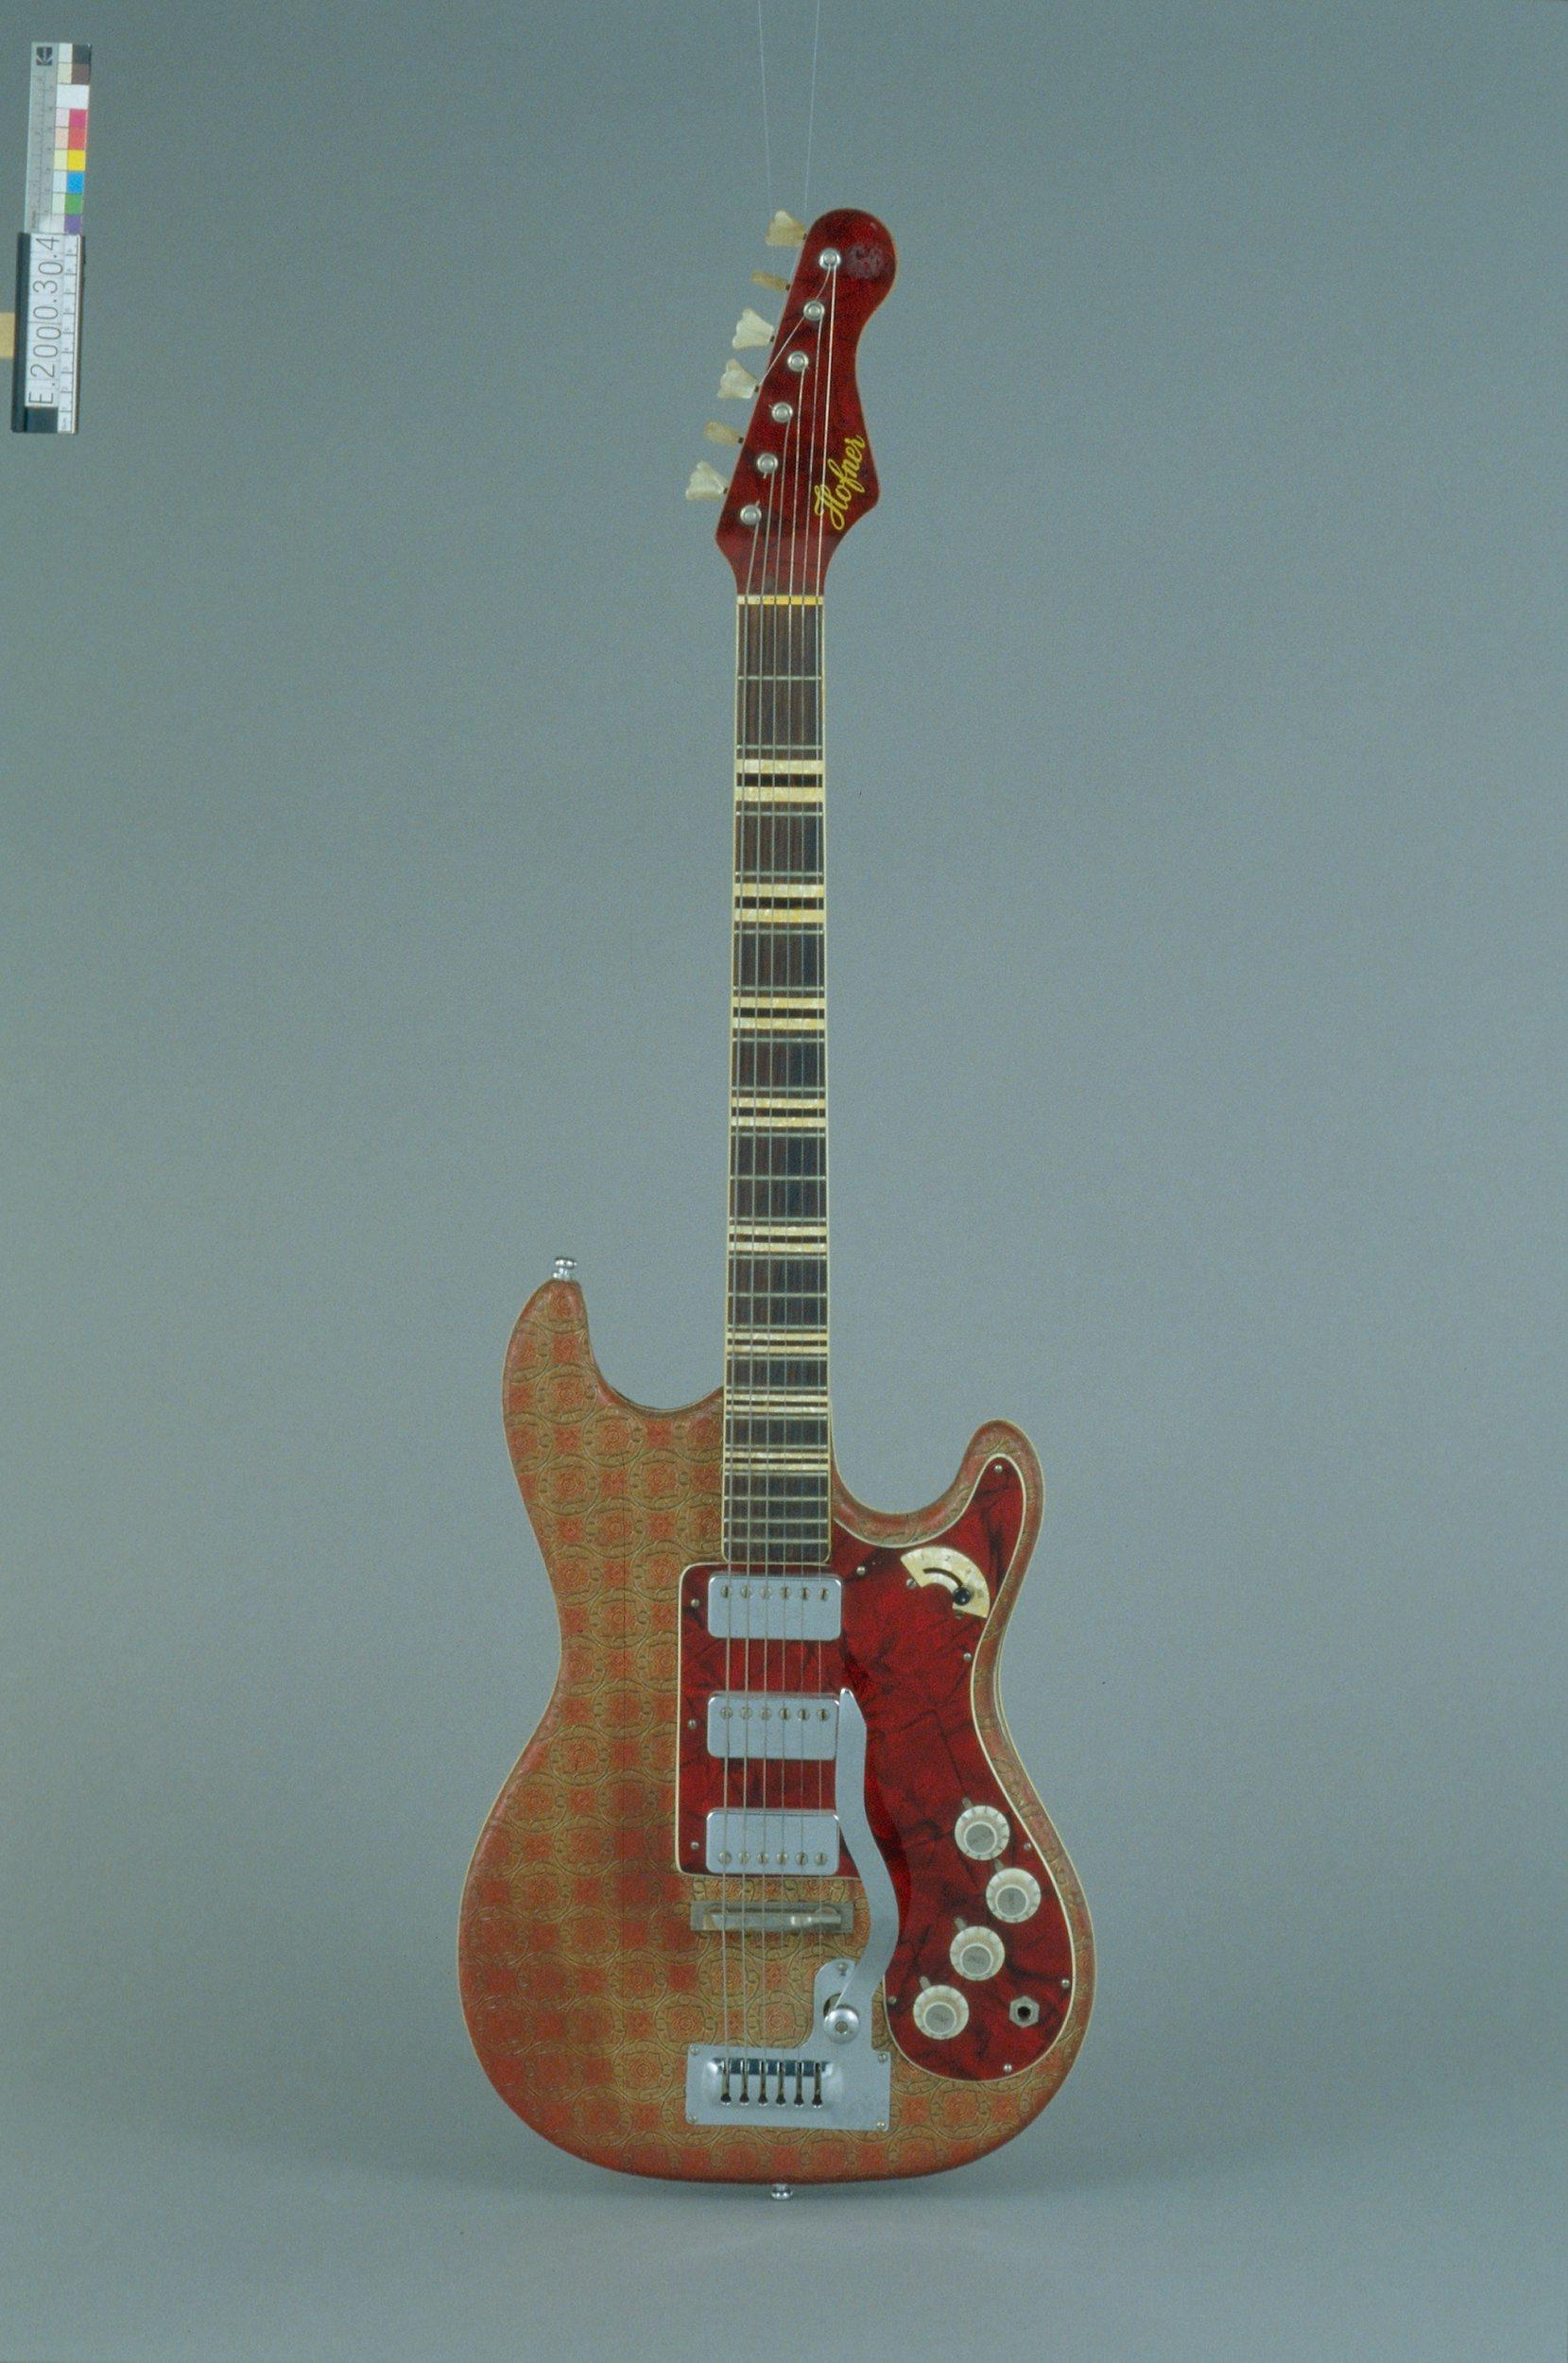 Guitare électrique modèle 173 | Höfner